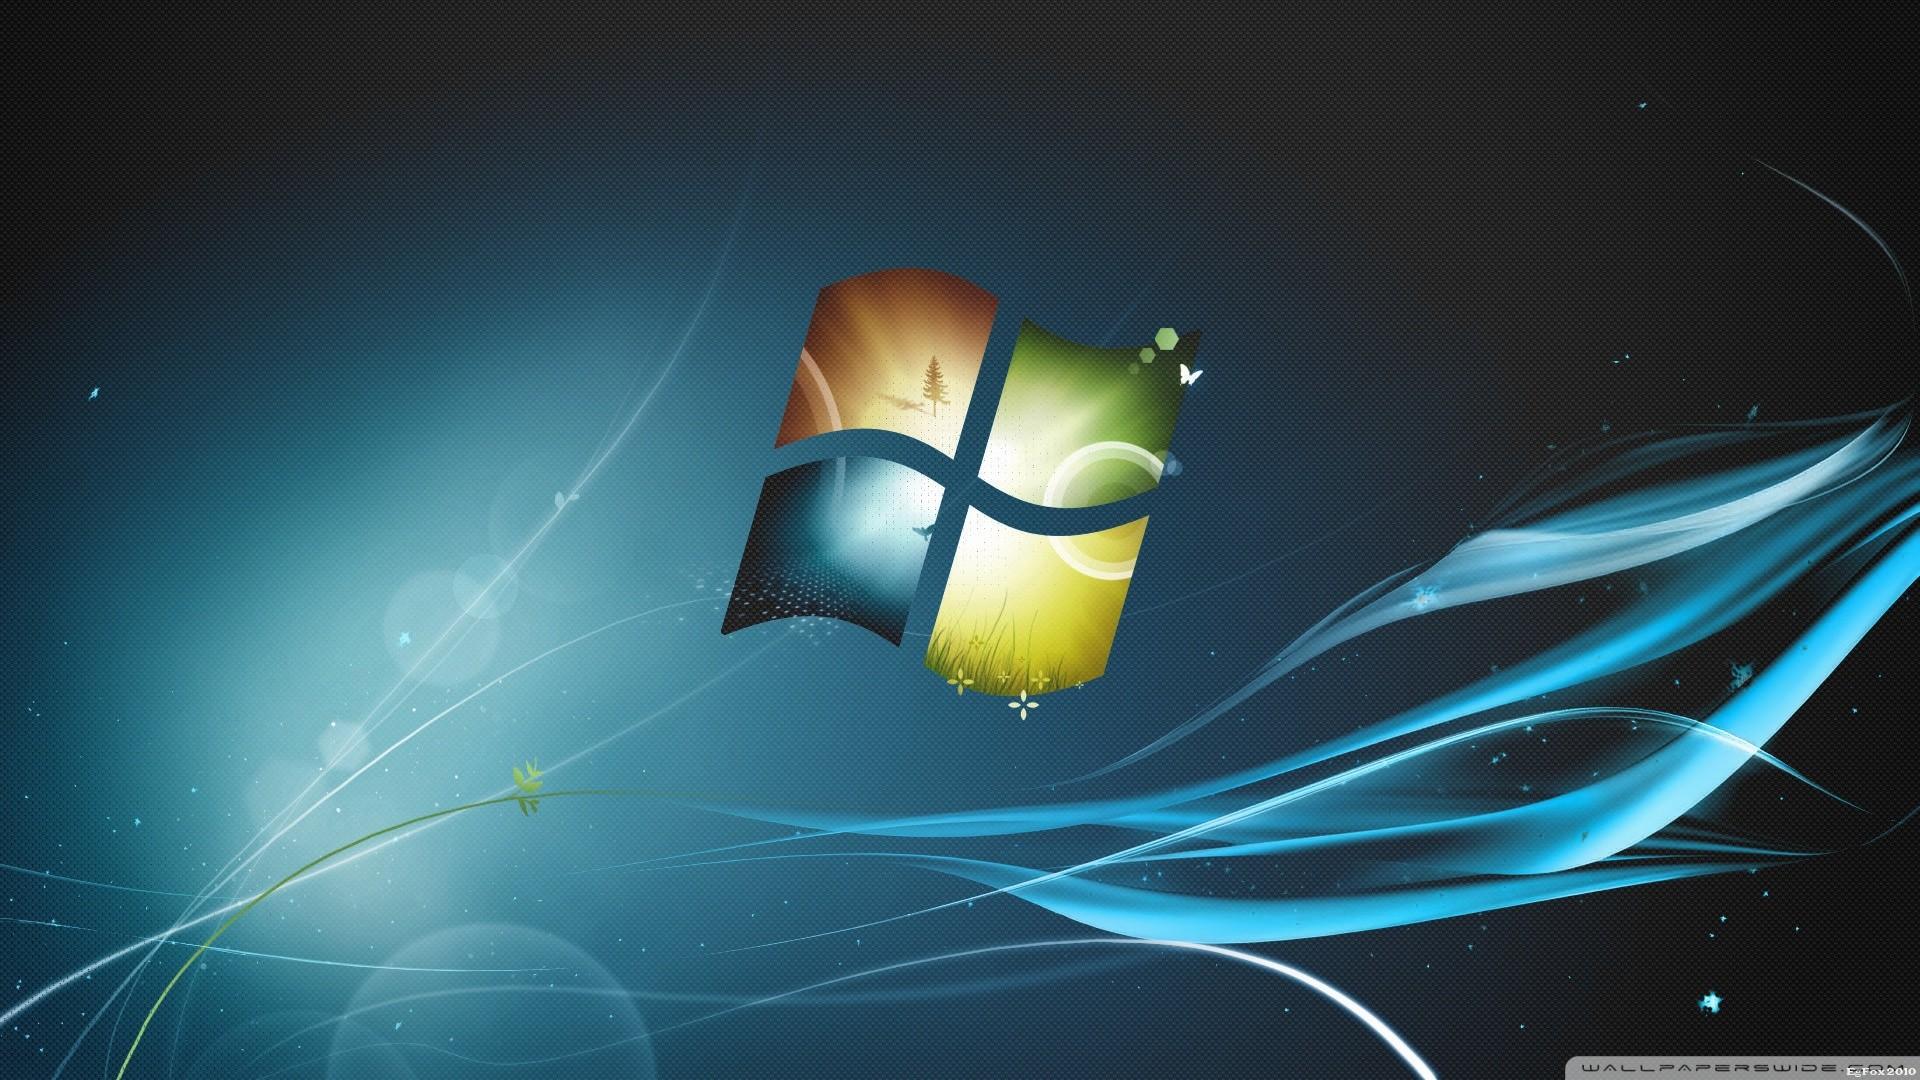 1920x1080 Windows 7 Touch Wallpaper